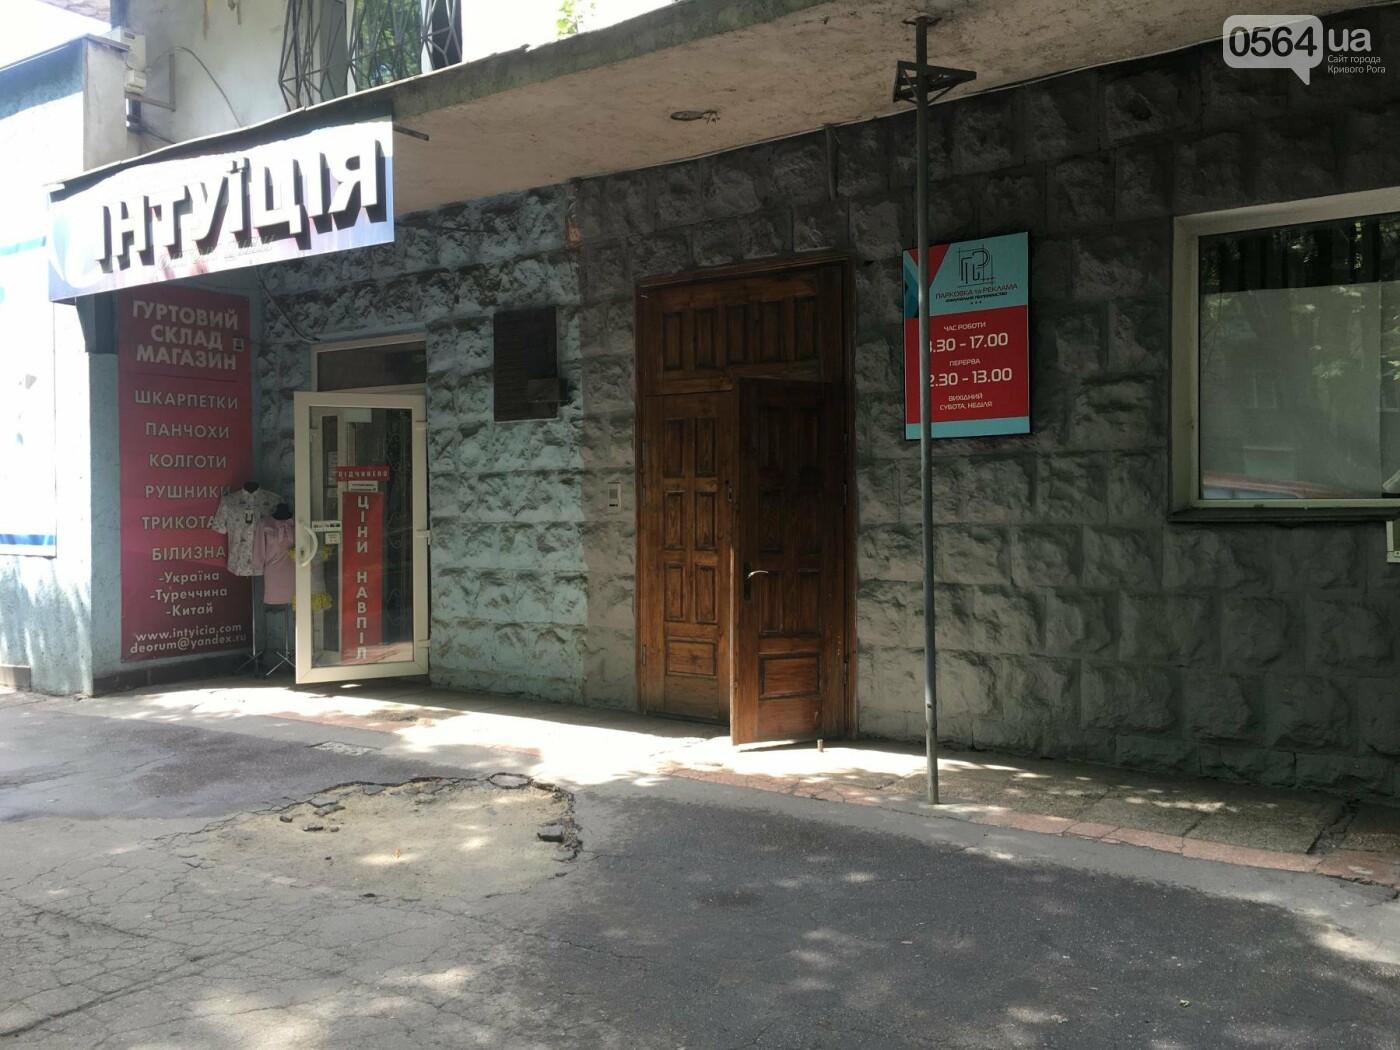 """""""Ждут штраф?"""": В Кривом Роге бизнесмены не спешат устанавливать урны возле своих магазинов, - ФОТО, фото-4"""